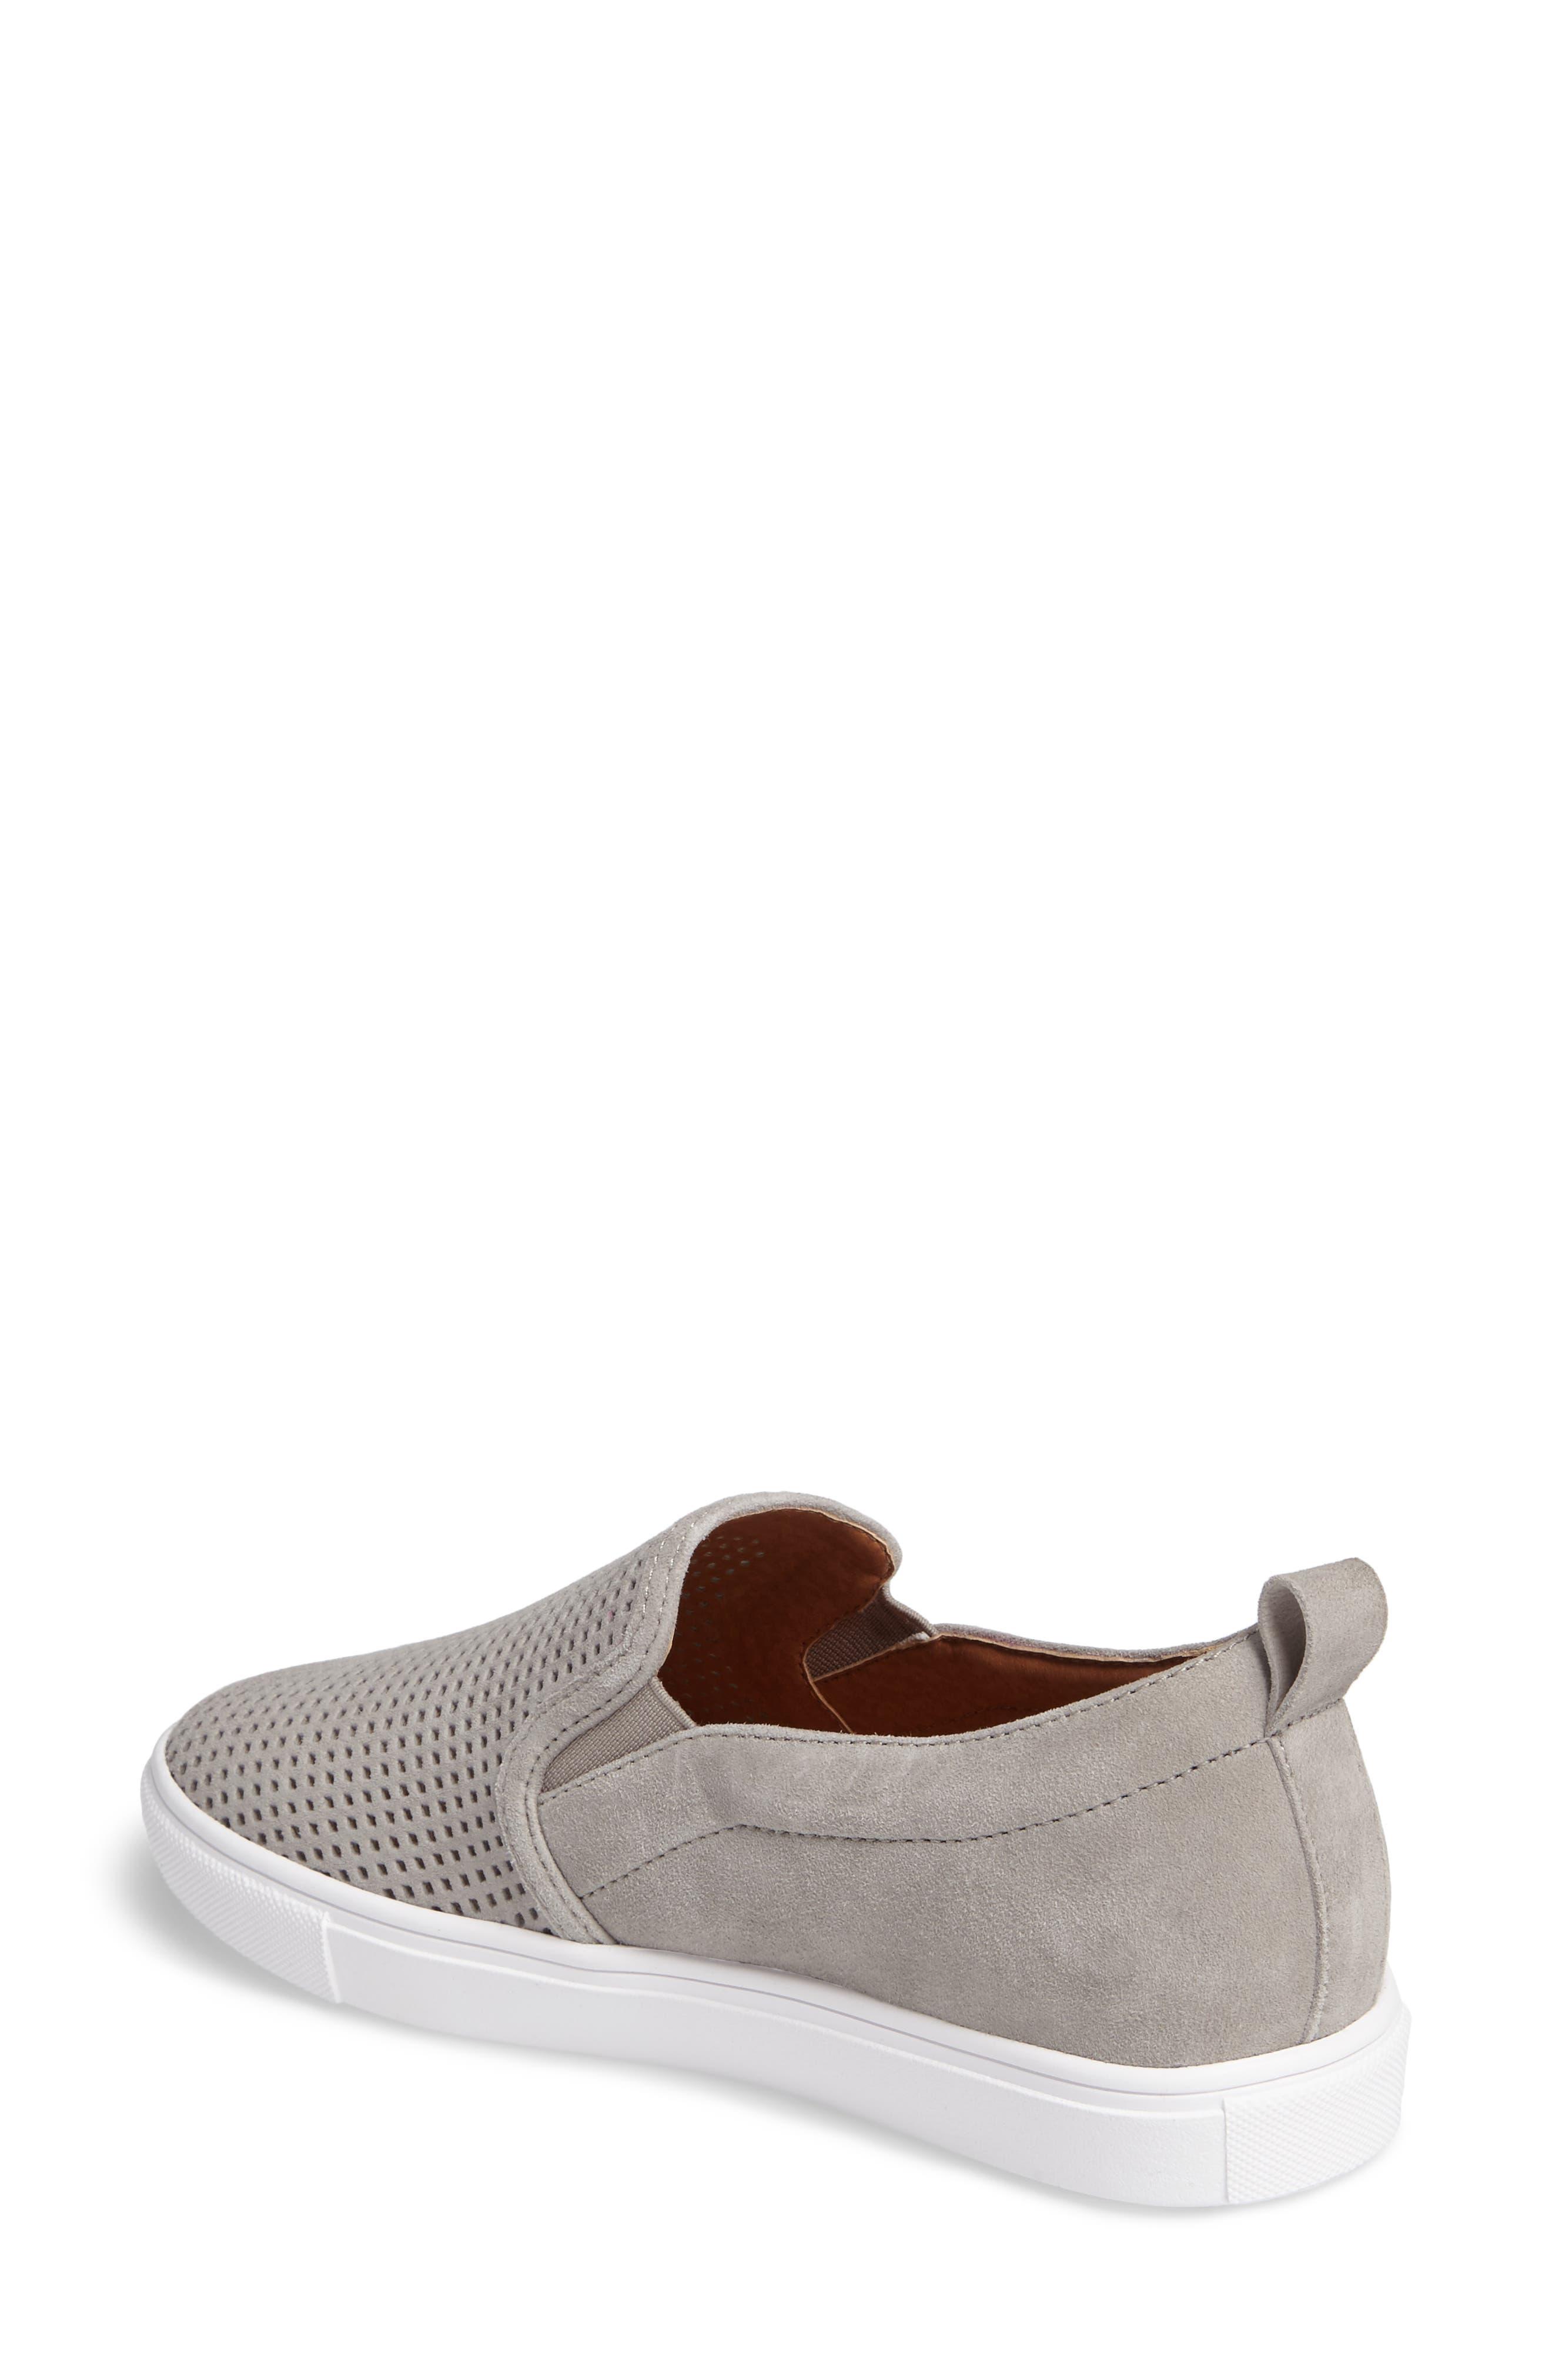 Eden Perforated Slip-On Sneaker,                             Alternate thumbnail 6, color,